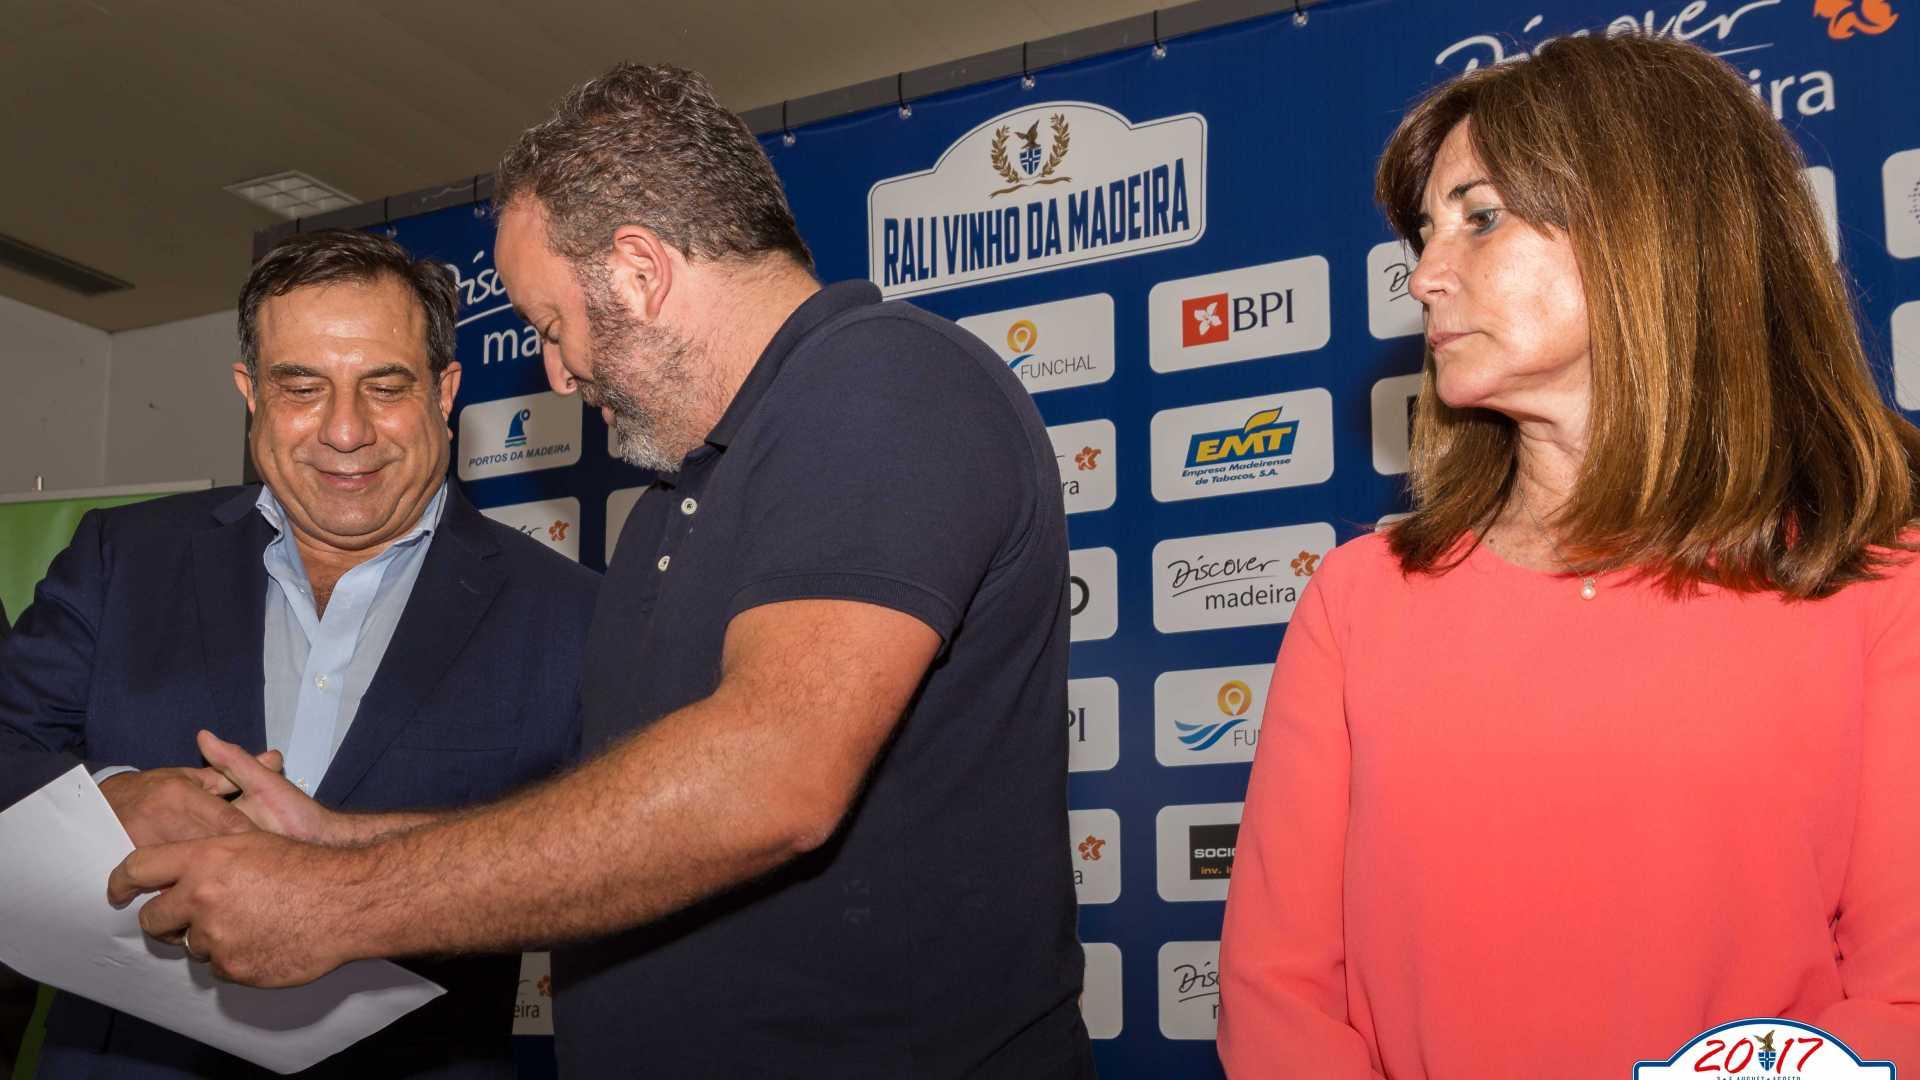 Claudio Mendes